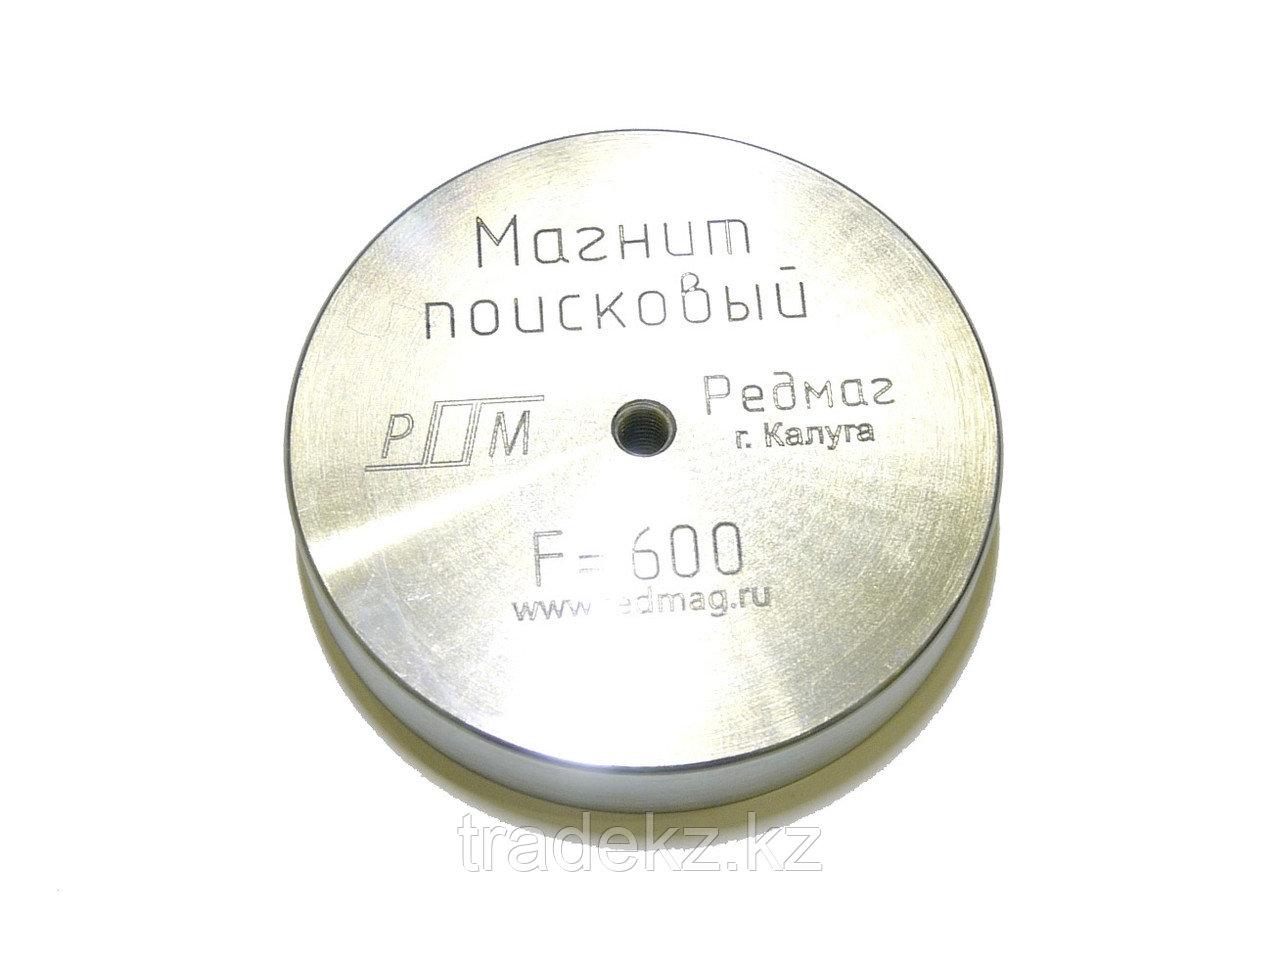 Магнит поисковый Редмаг F600 односторонний, усилие отрыва 600 кг